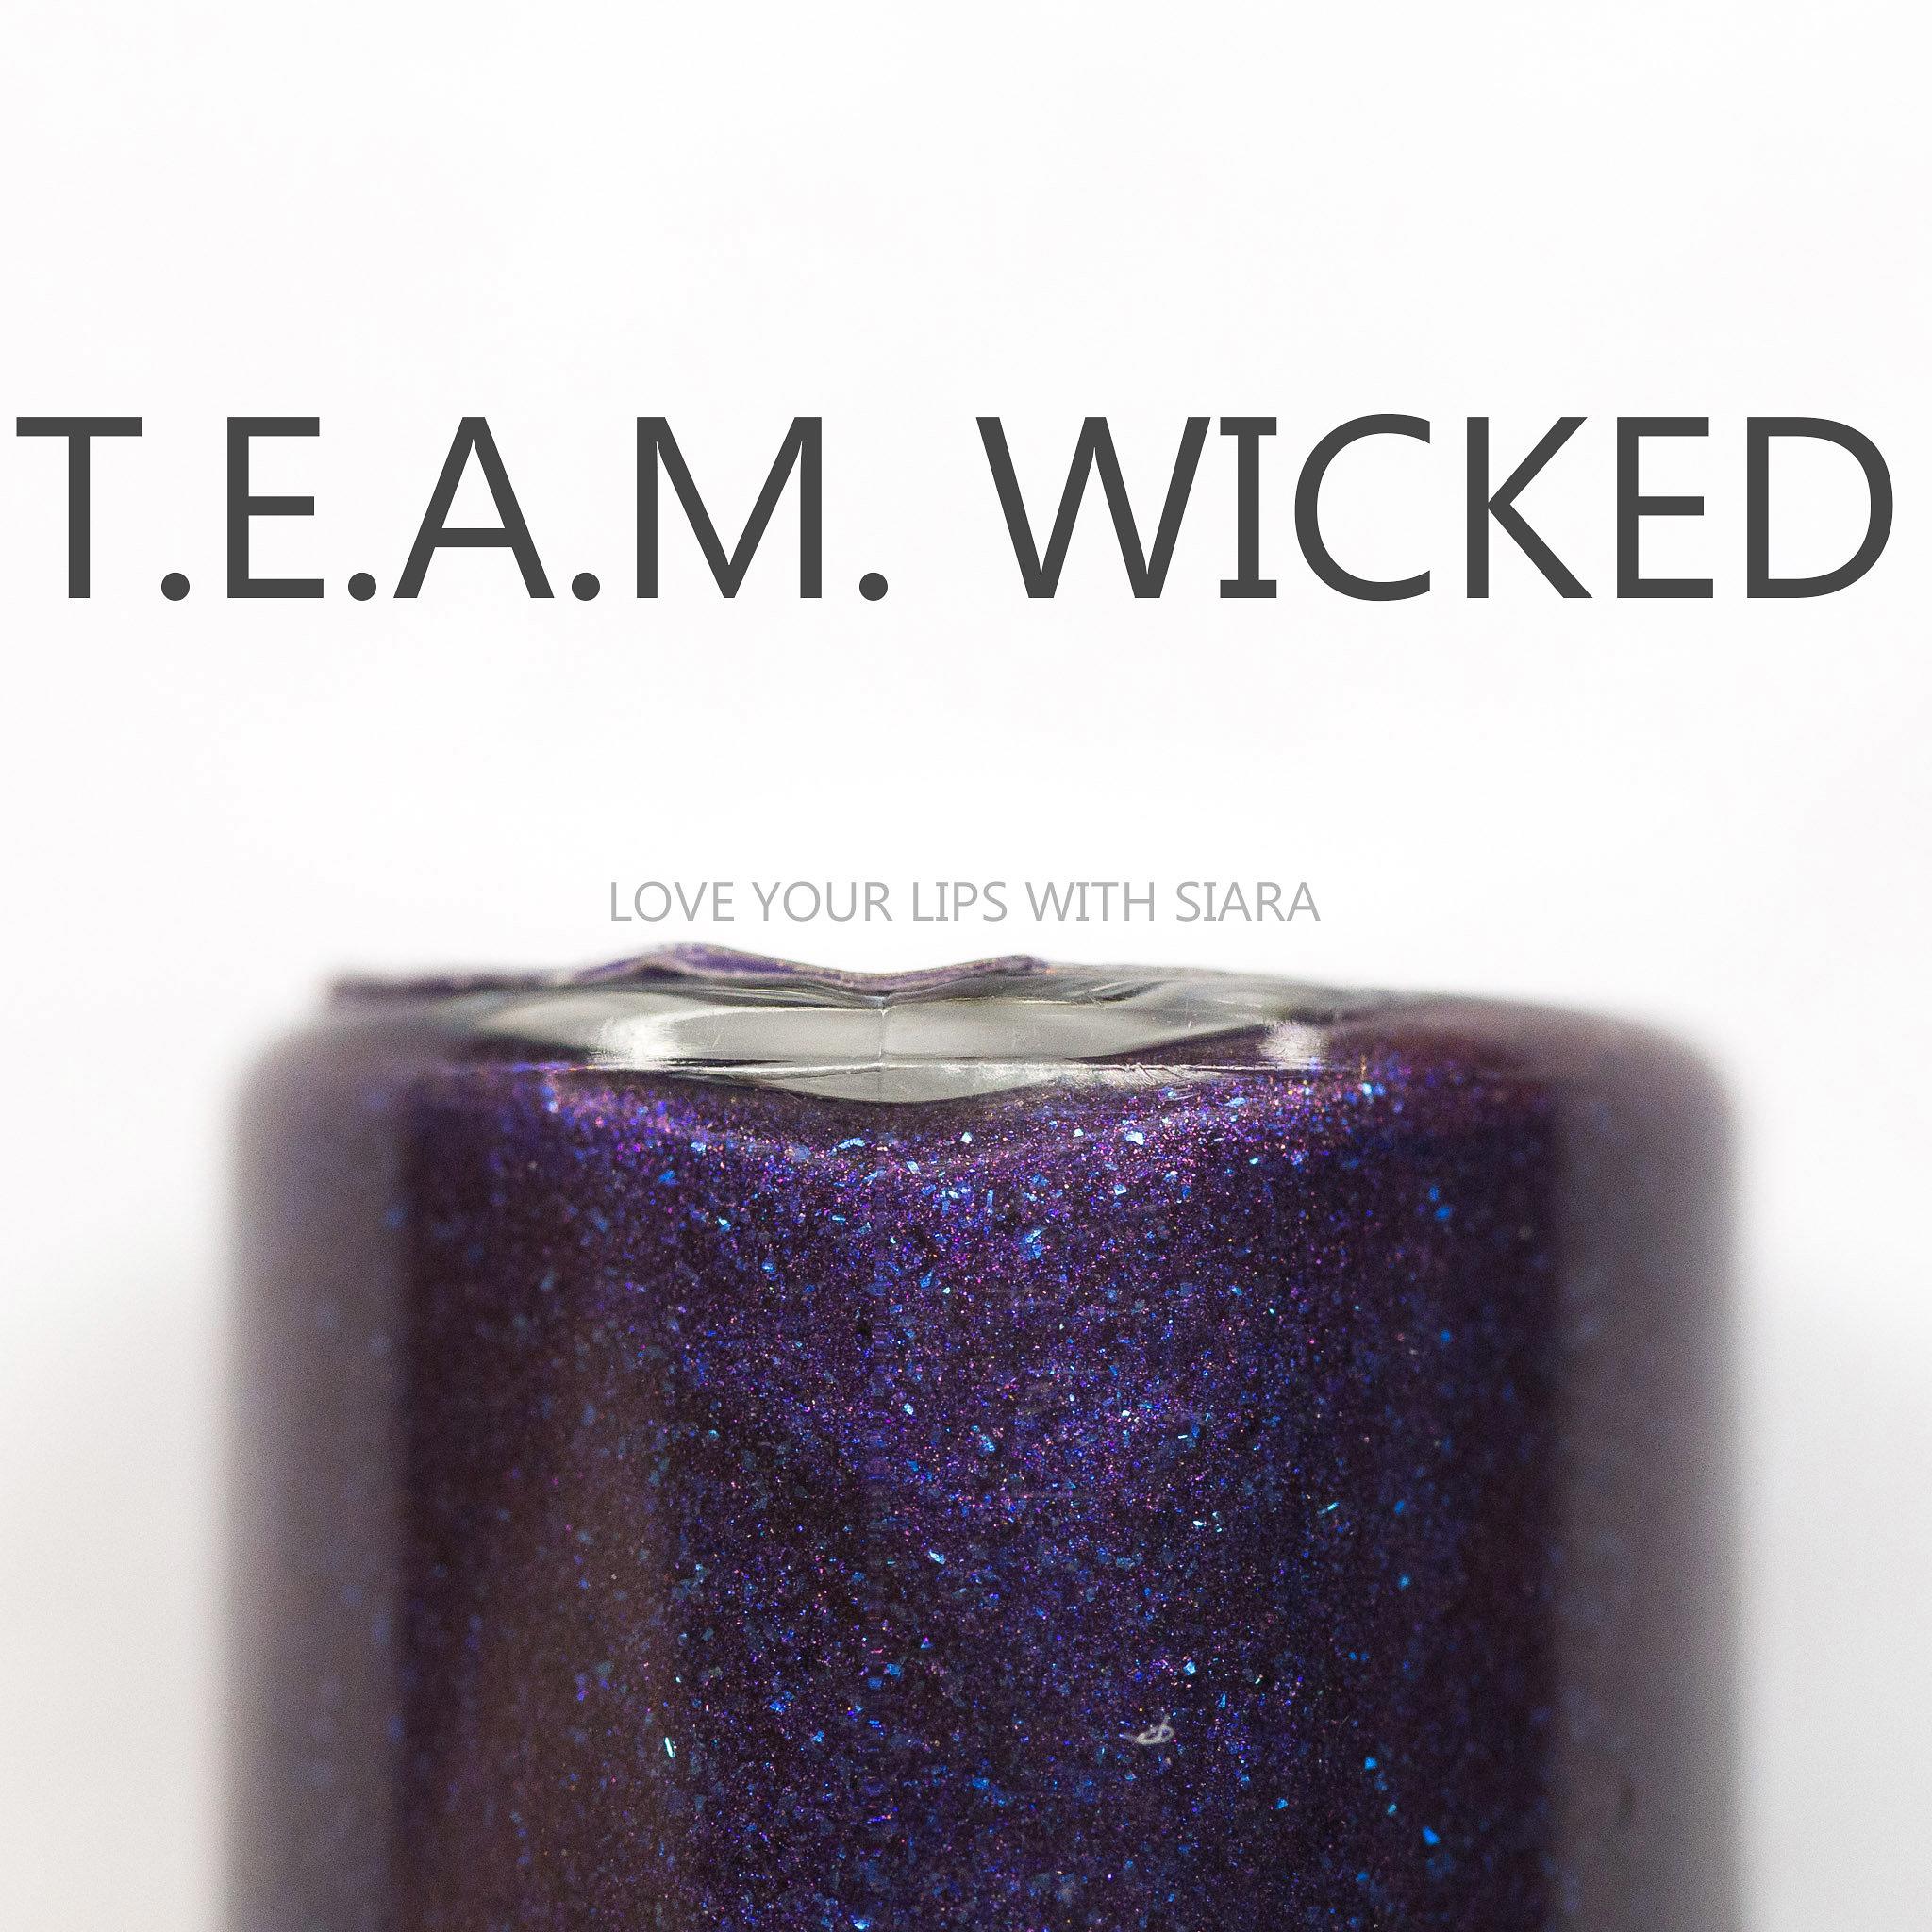 teamwicked.JPG